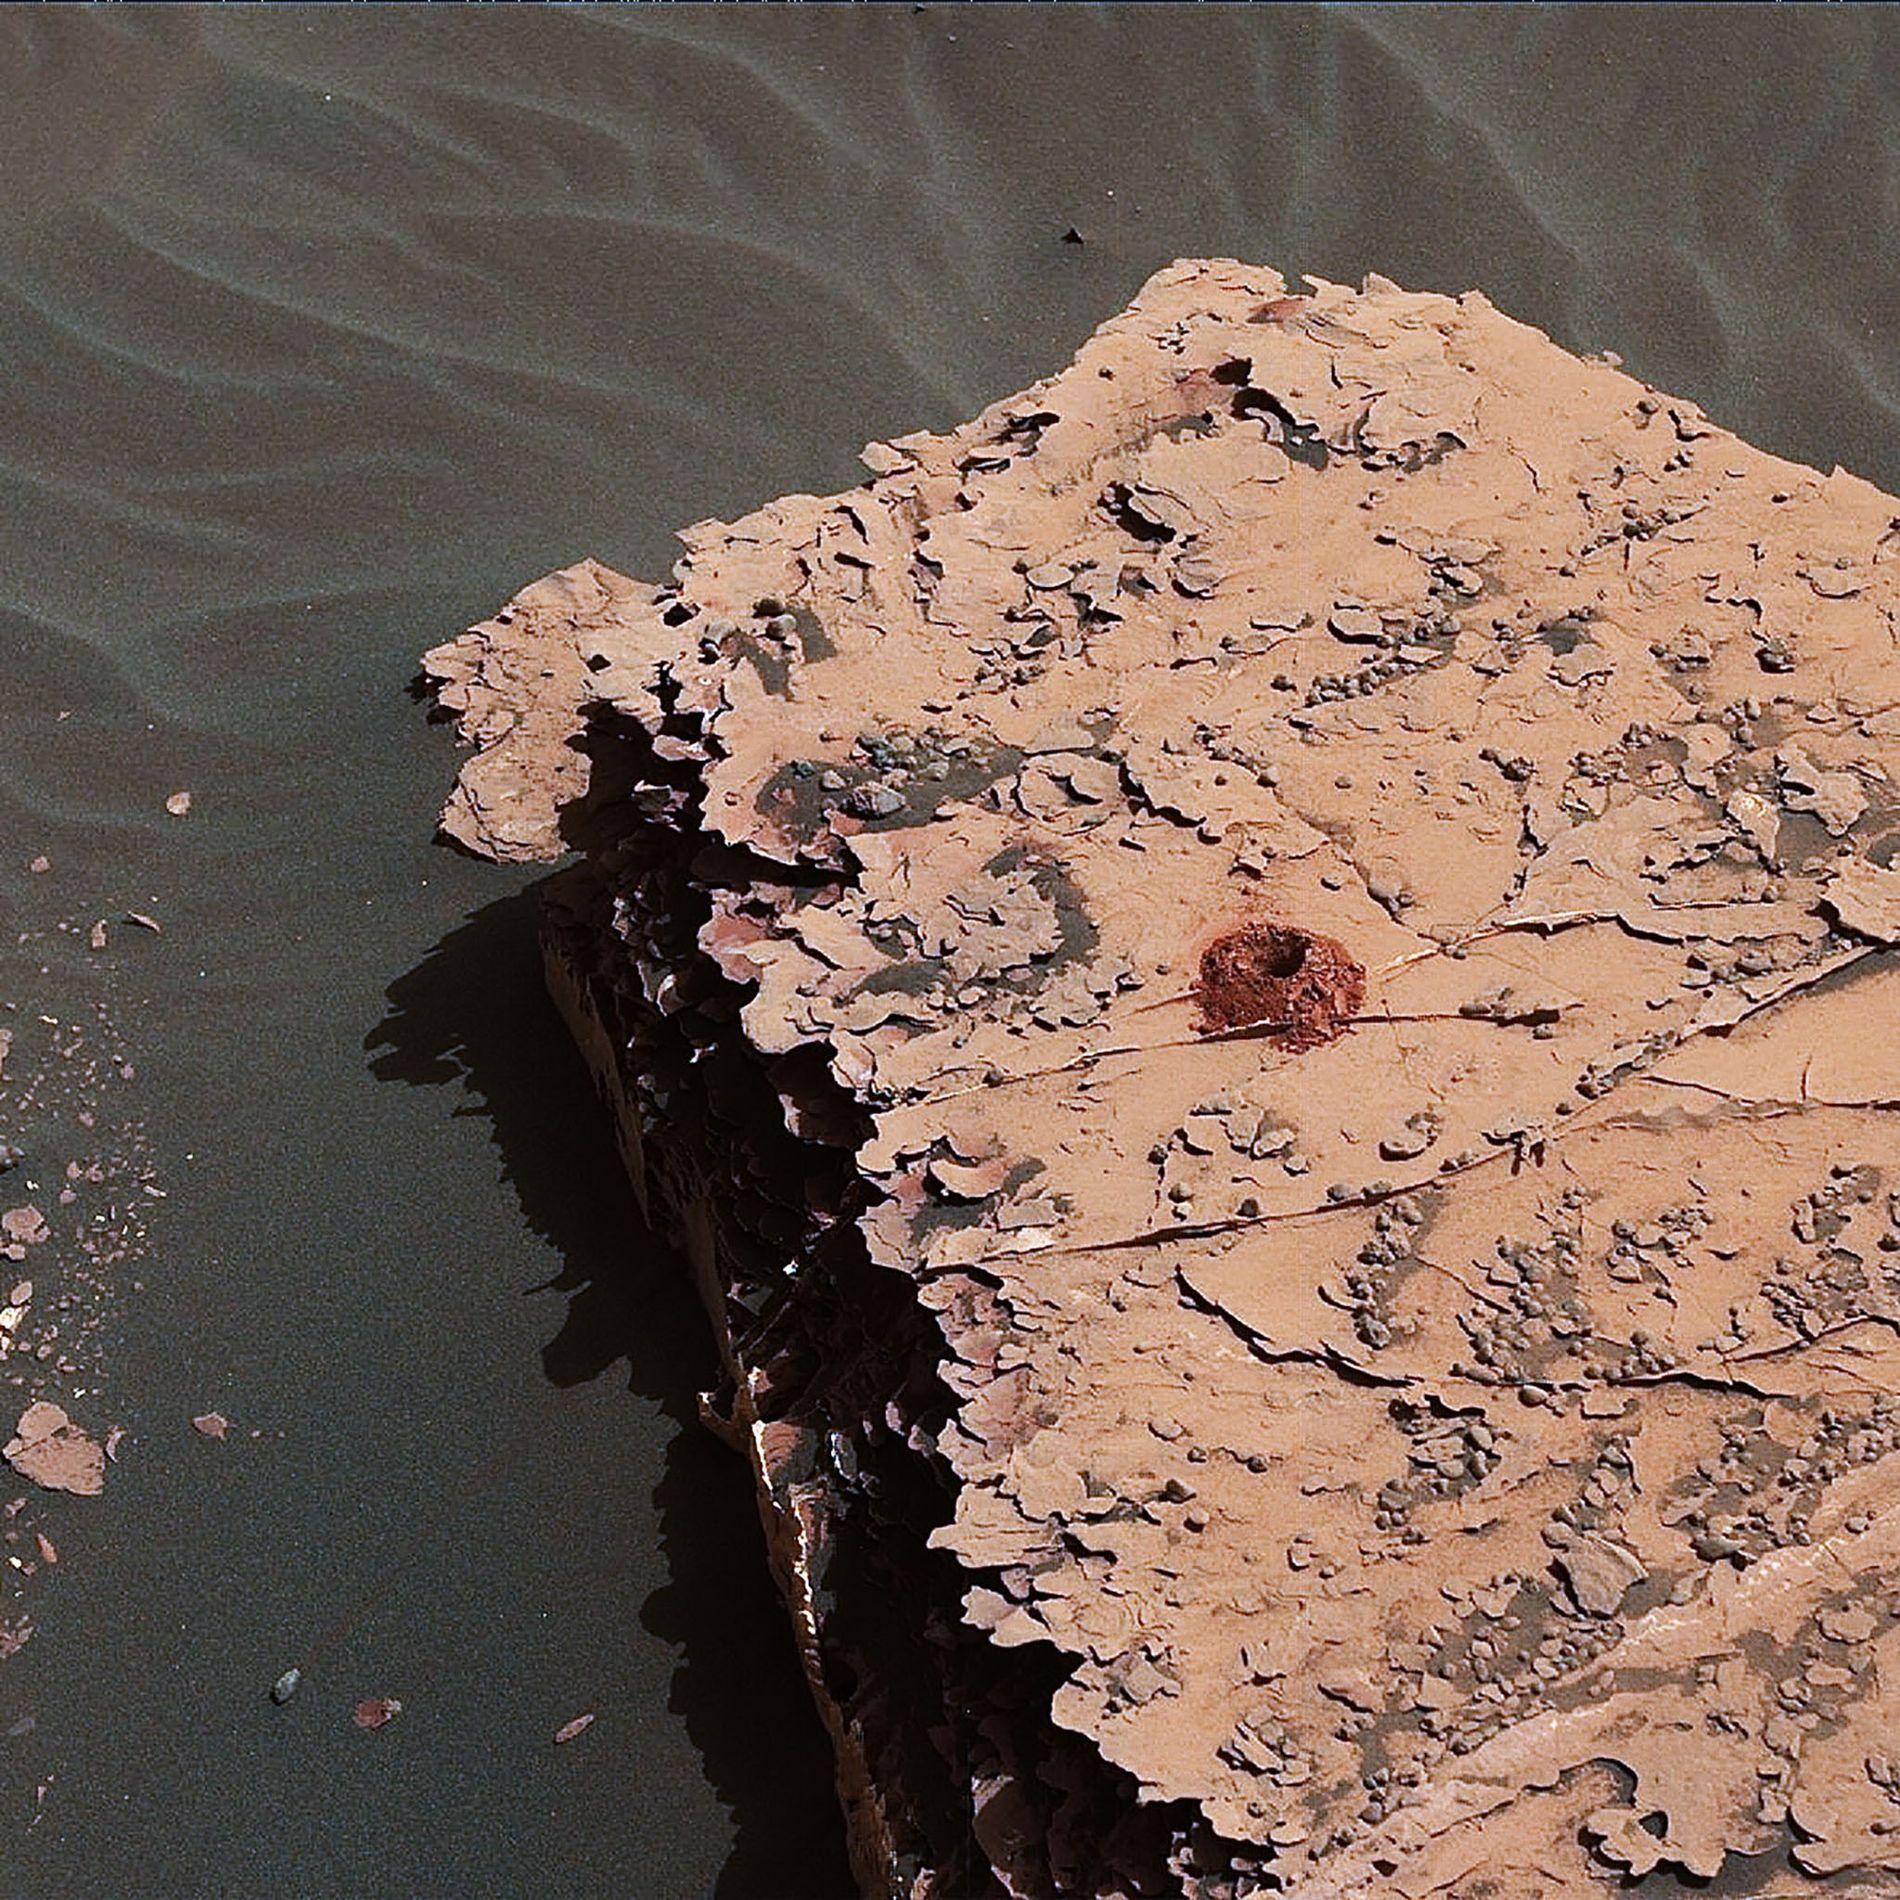 O rover Curiosity, da Nasa, cavou este buraco de duas polegadas em uma rocha marciana como ...